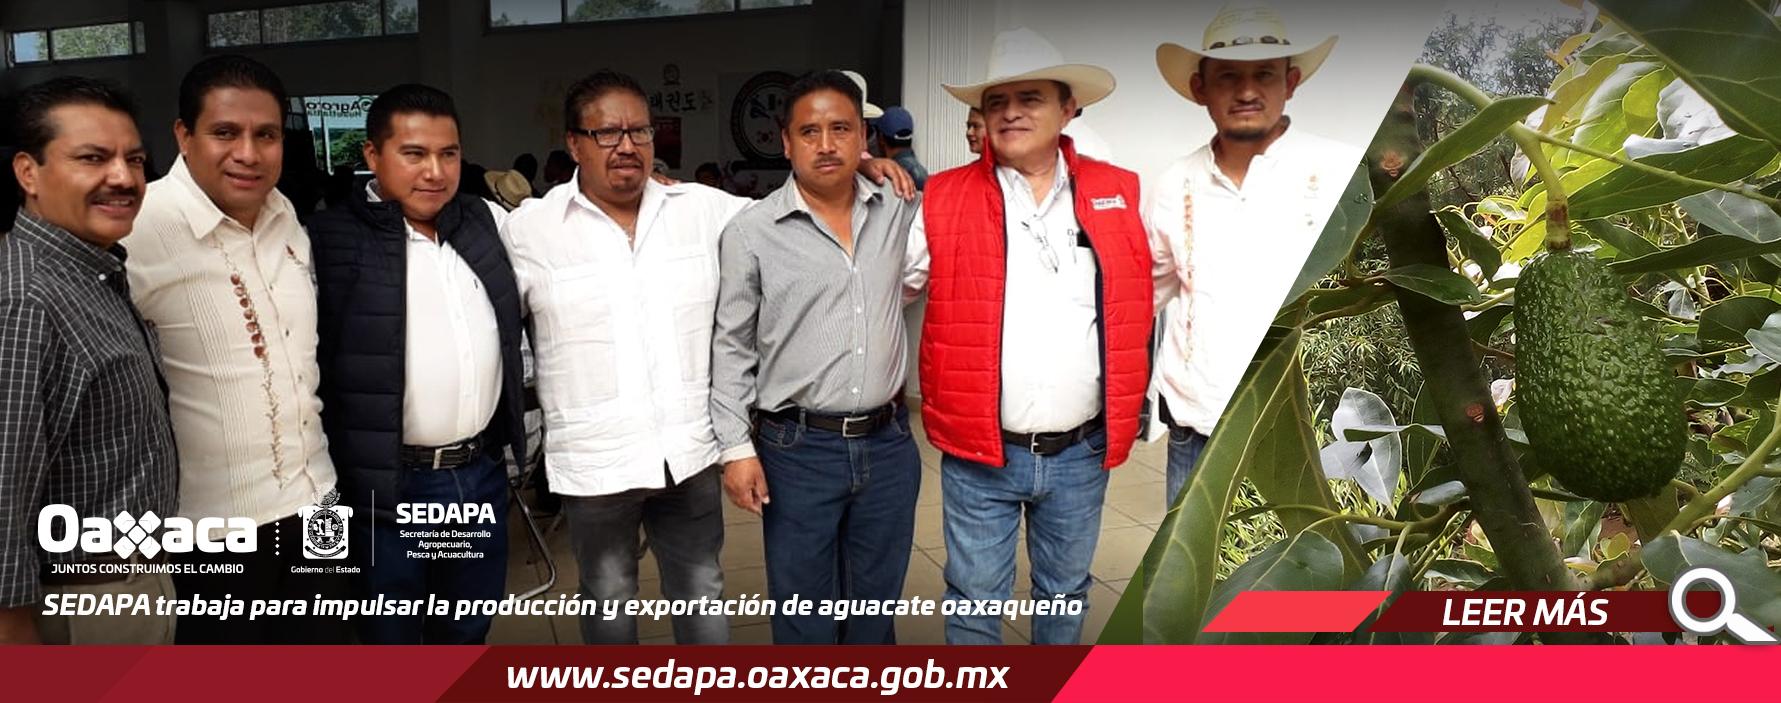 Sedapa trabaja para impulsar la producción y exportación de aguacate oaxaqueño.